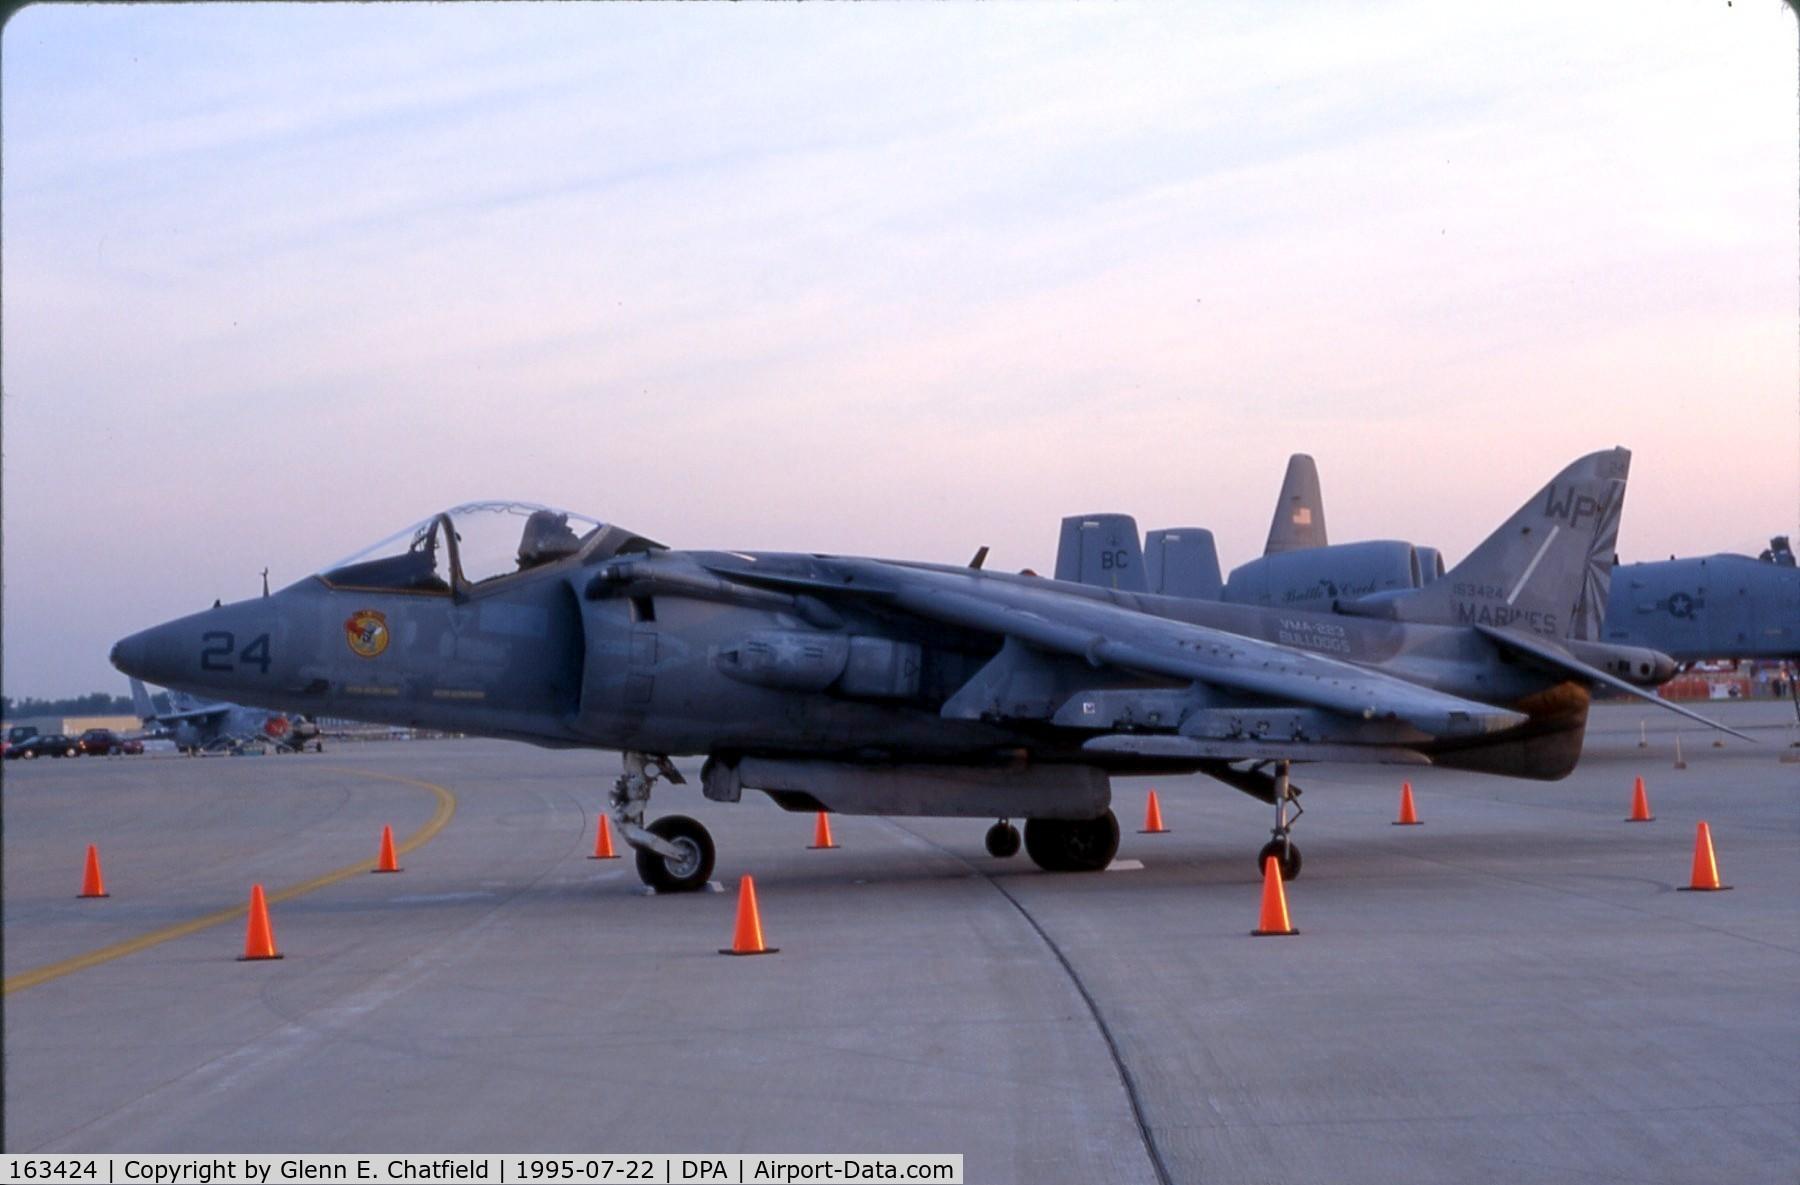 163424, McDonnell Douglas AV-8B Harrier II C/N 125, Early morning waiting for the show